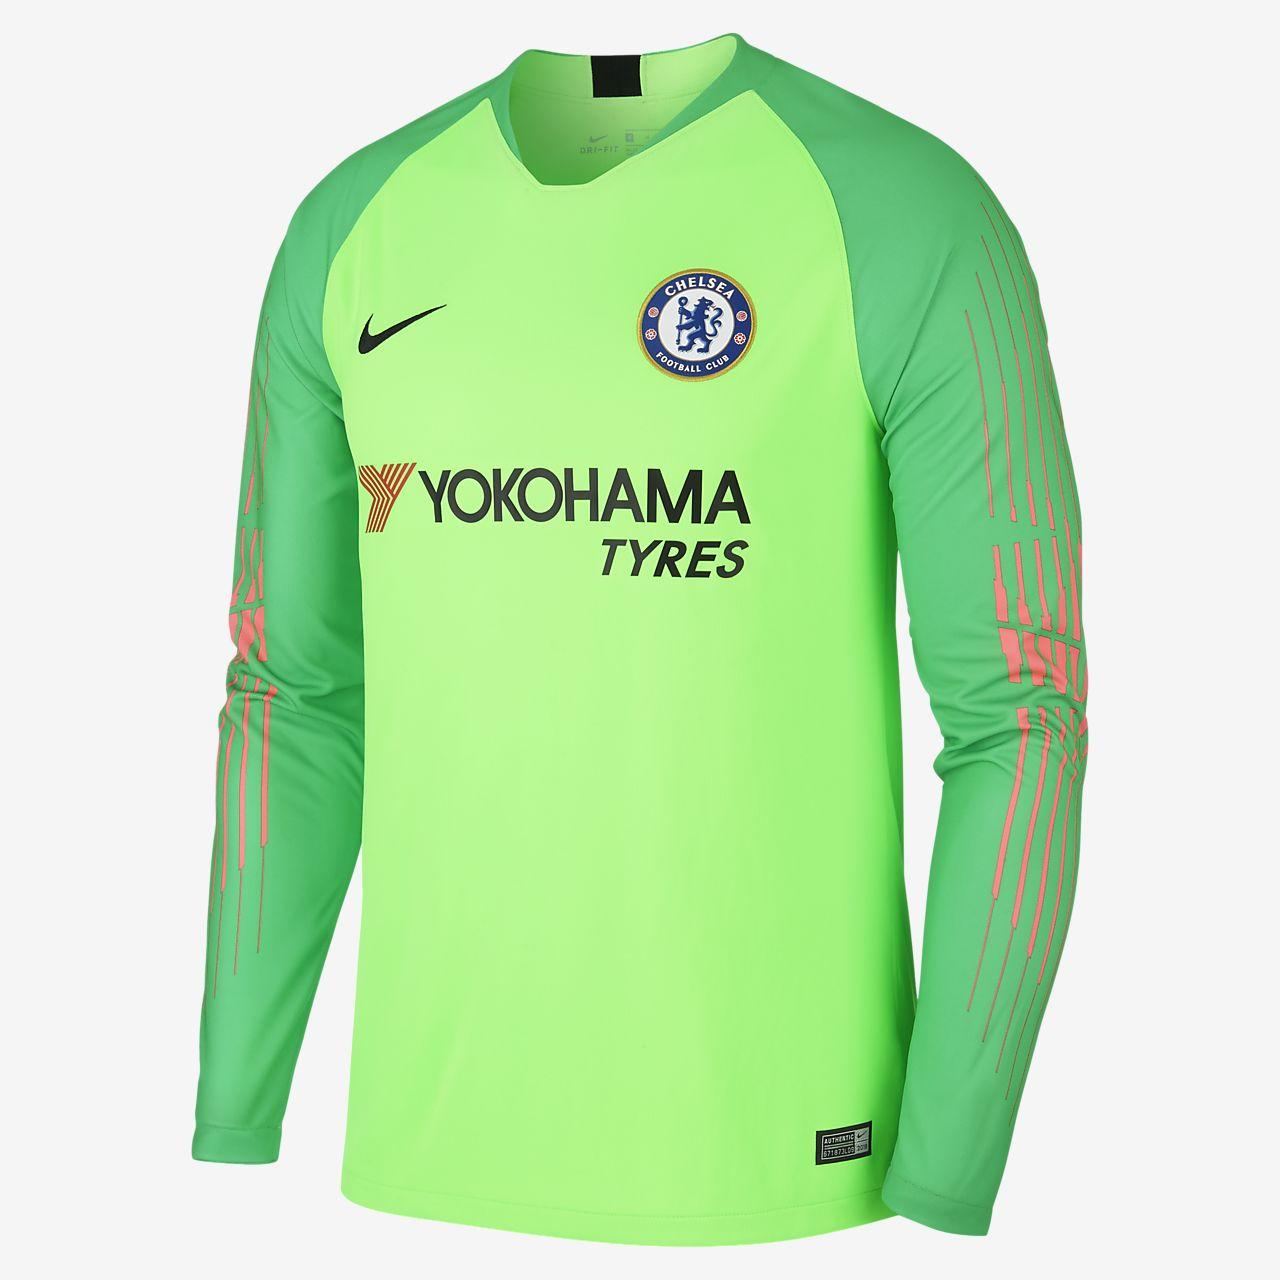 7cbdeef8d Men s Long-Sleeve Football Shirt. 2018 19 Chelsea FC Stadium Goalkeeper